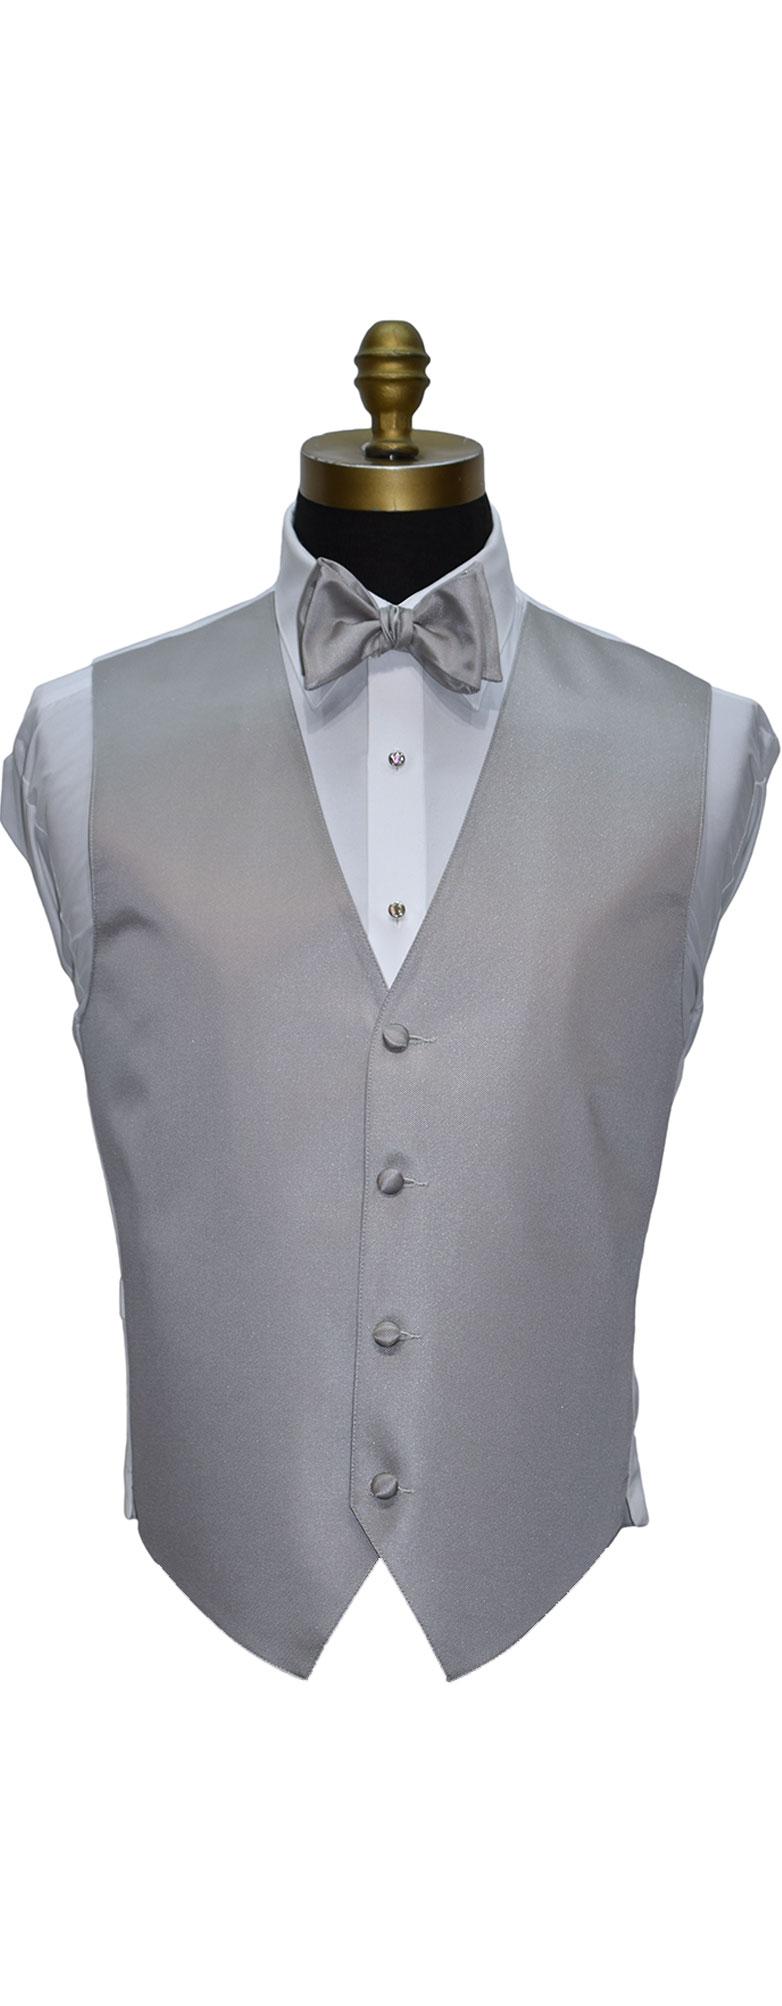 Moonlight Sterling Gray Tuxedo Vest